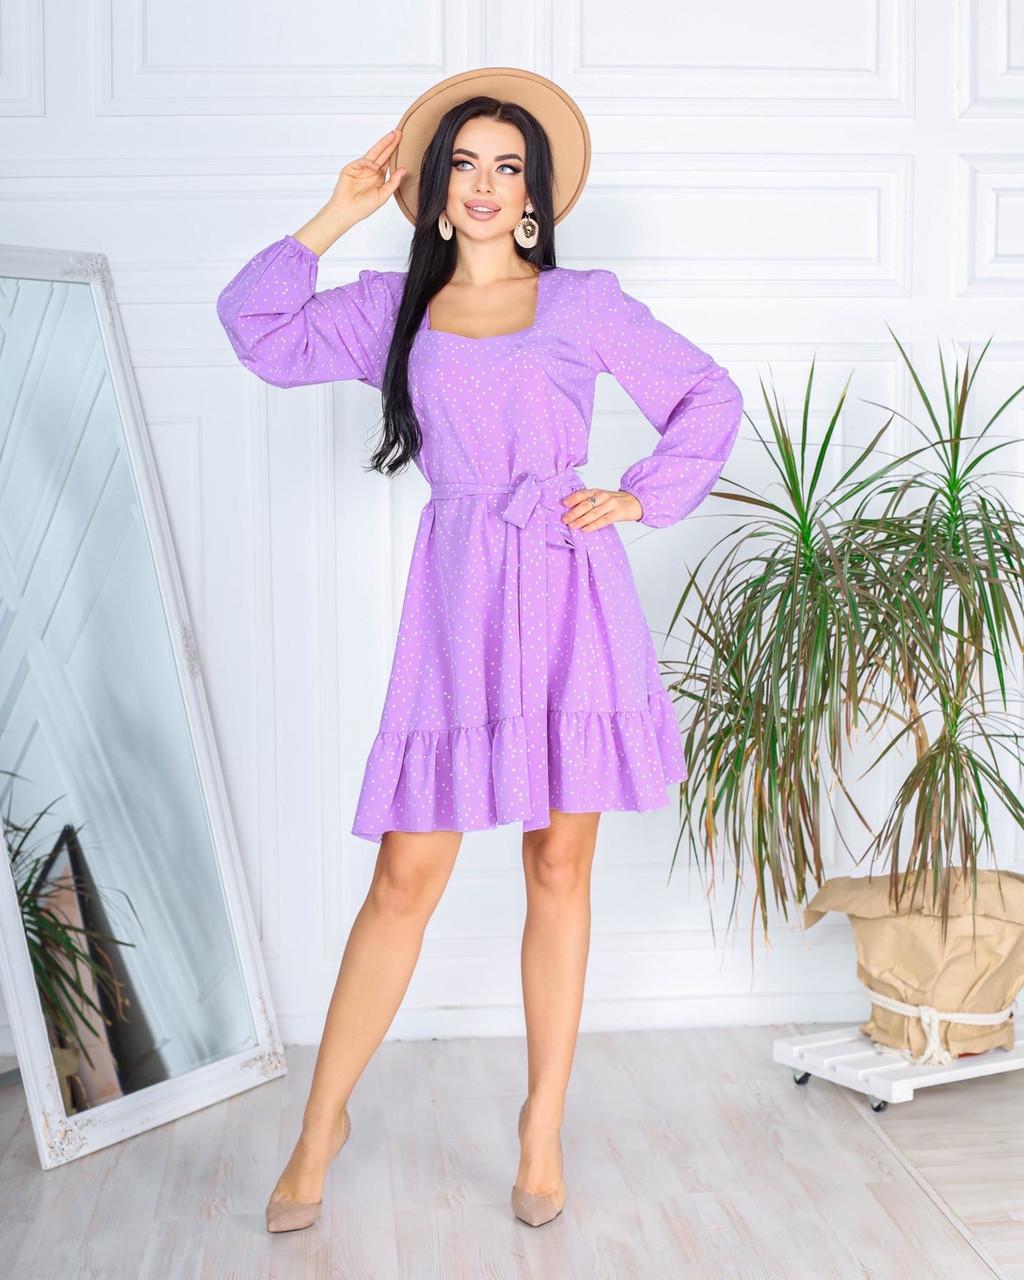 Стильна жіноча сукня весняне  розміри 42 44 46 48 Новинка 2021 забарвлення багато